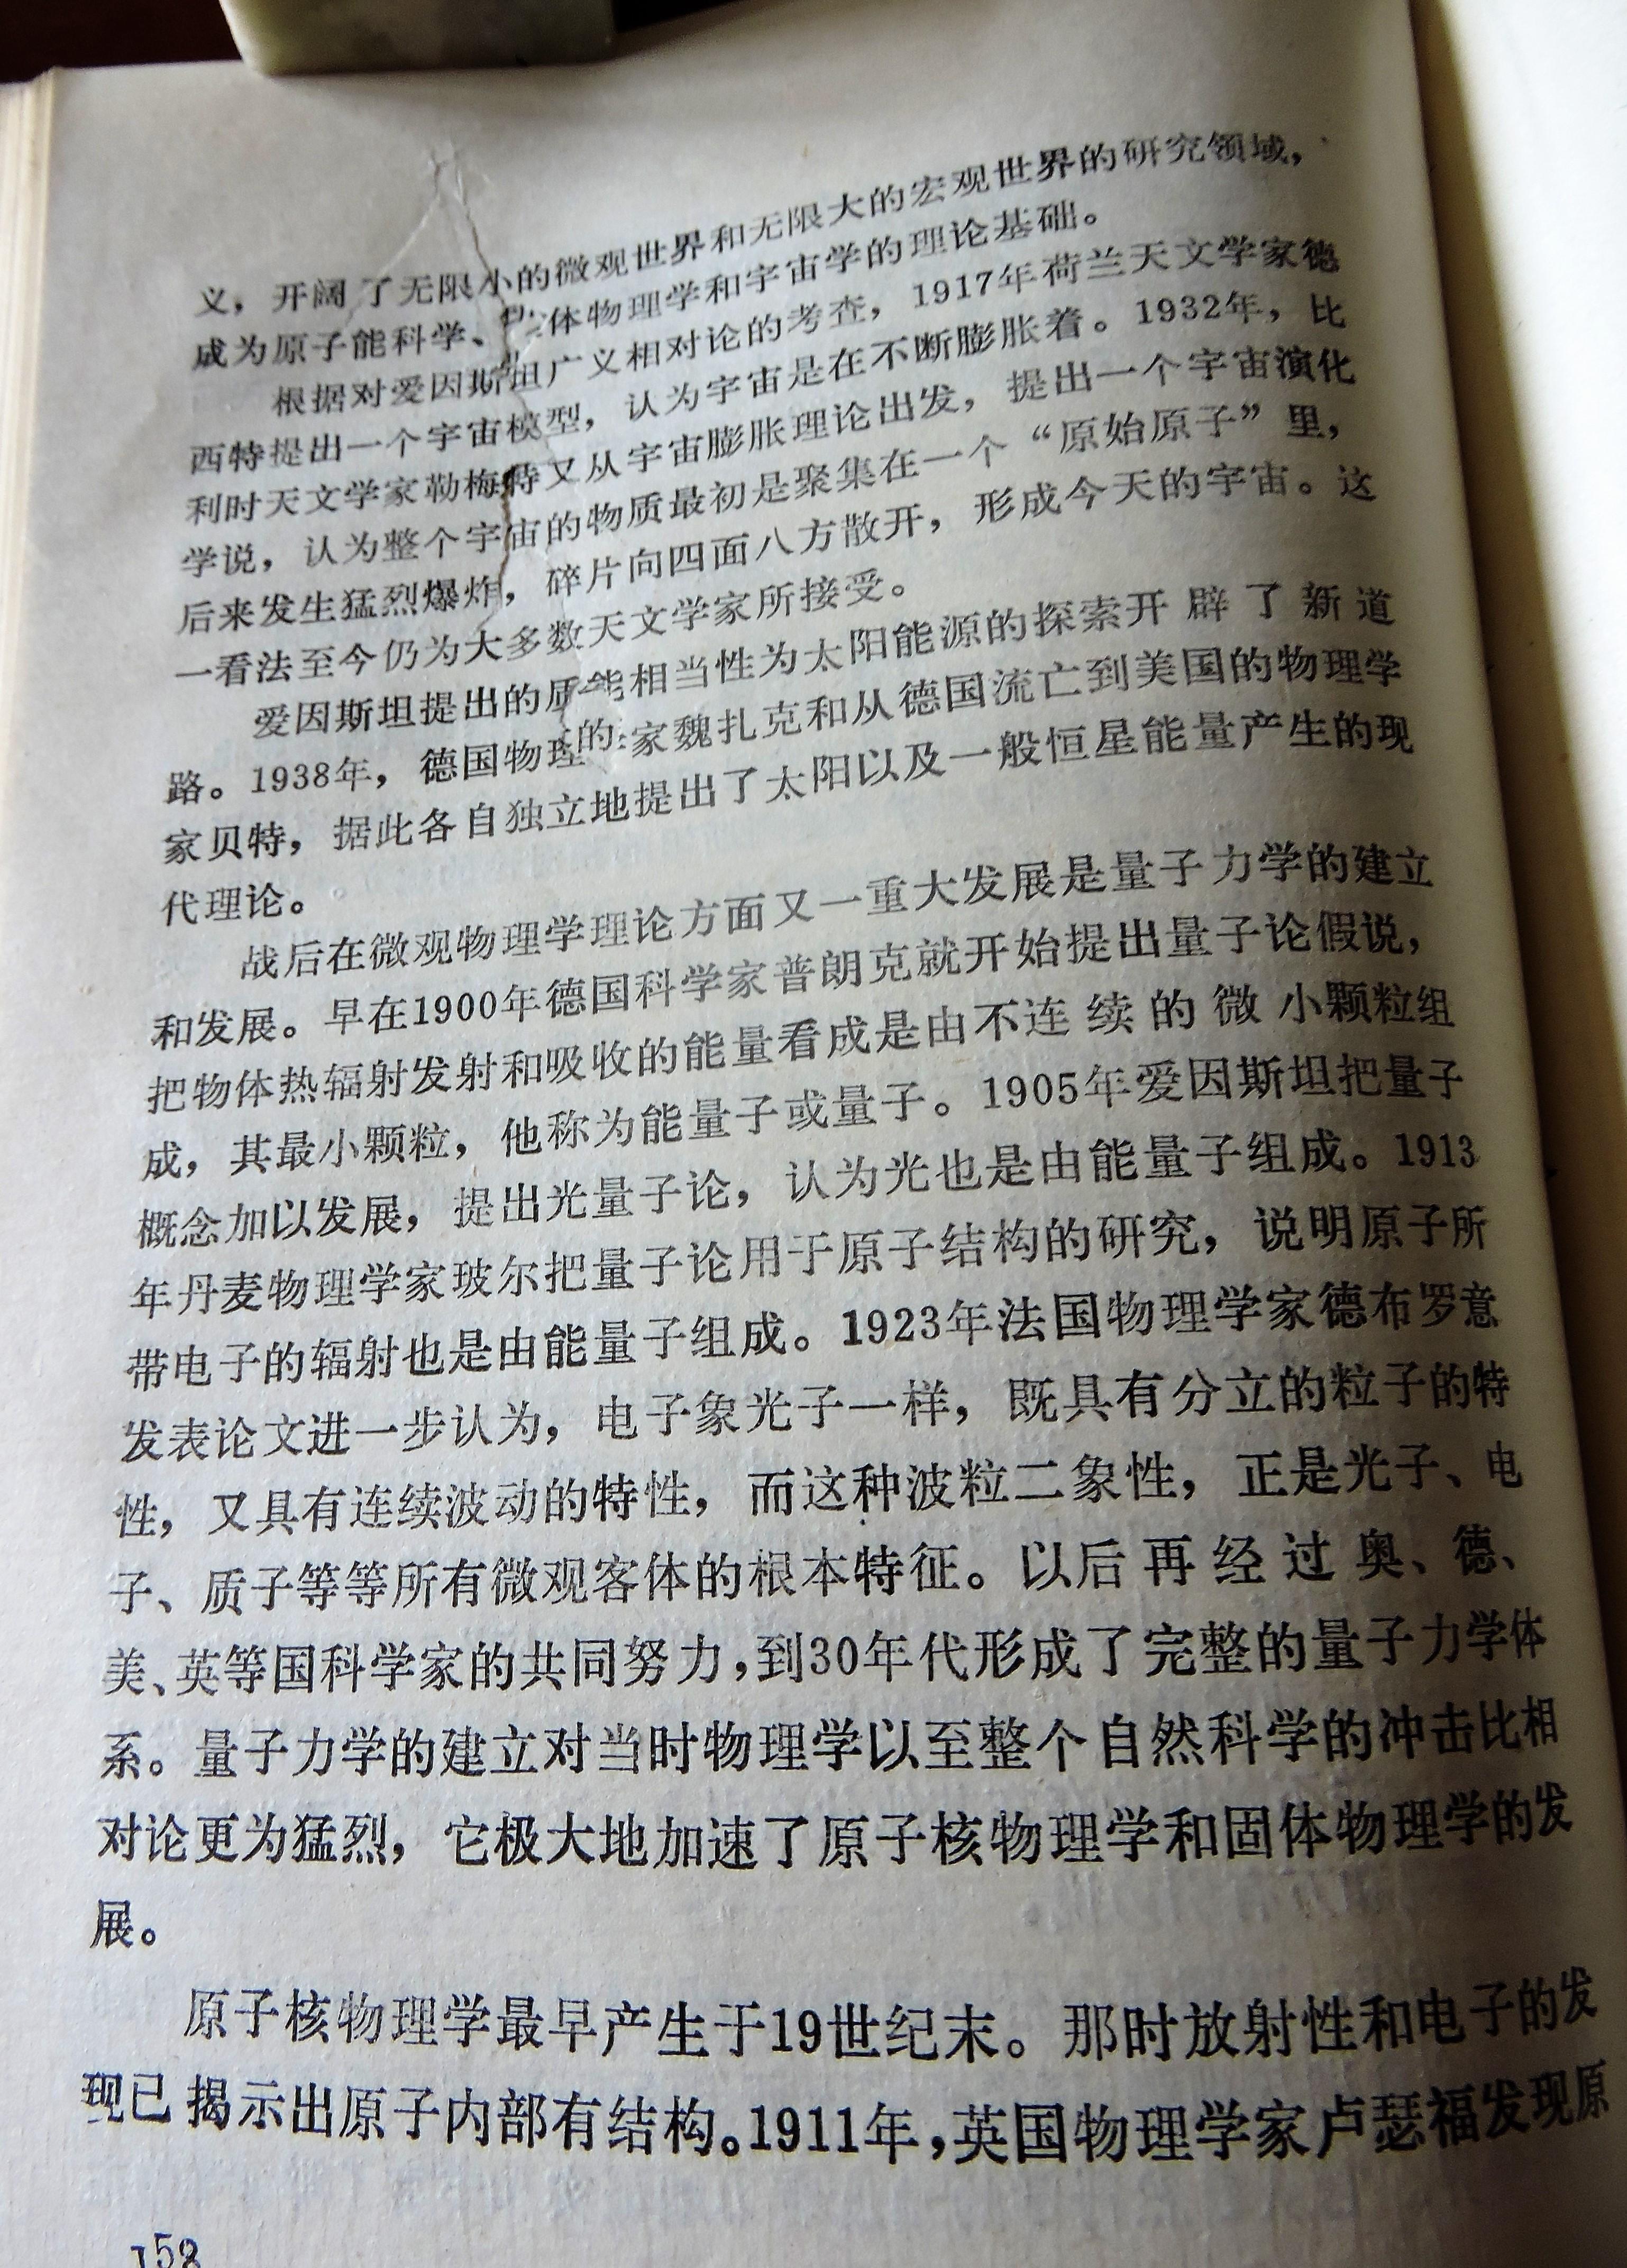 2 DSCN7875.jpg